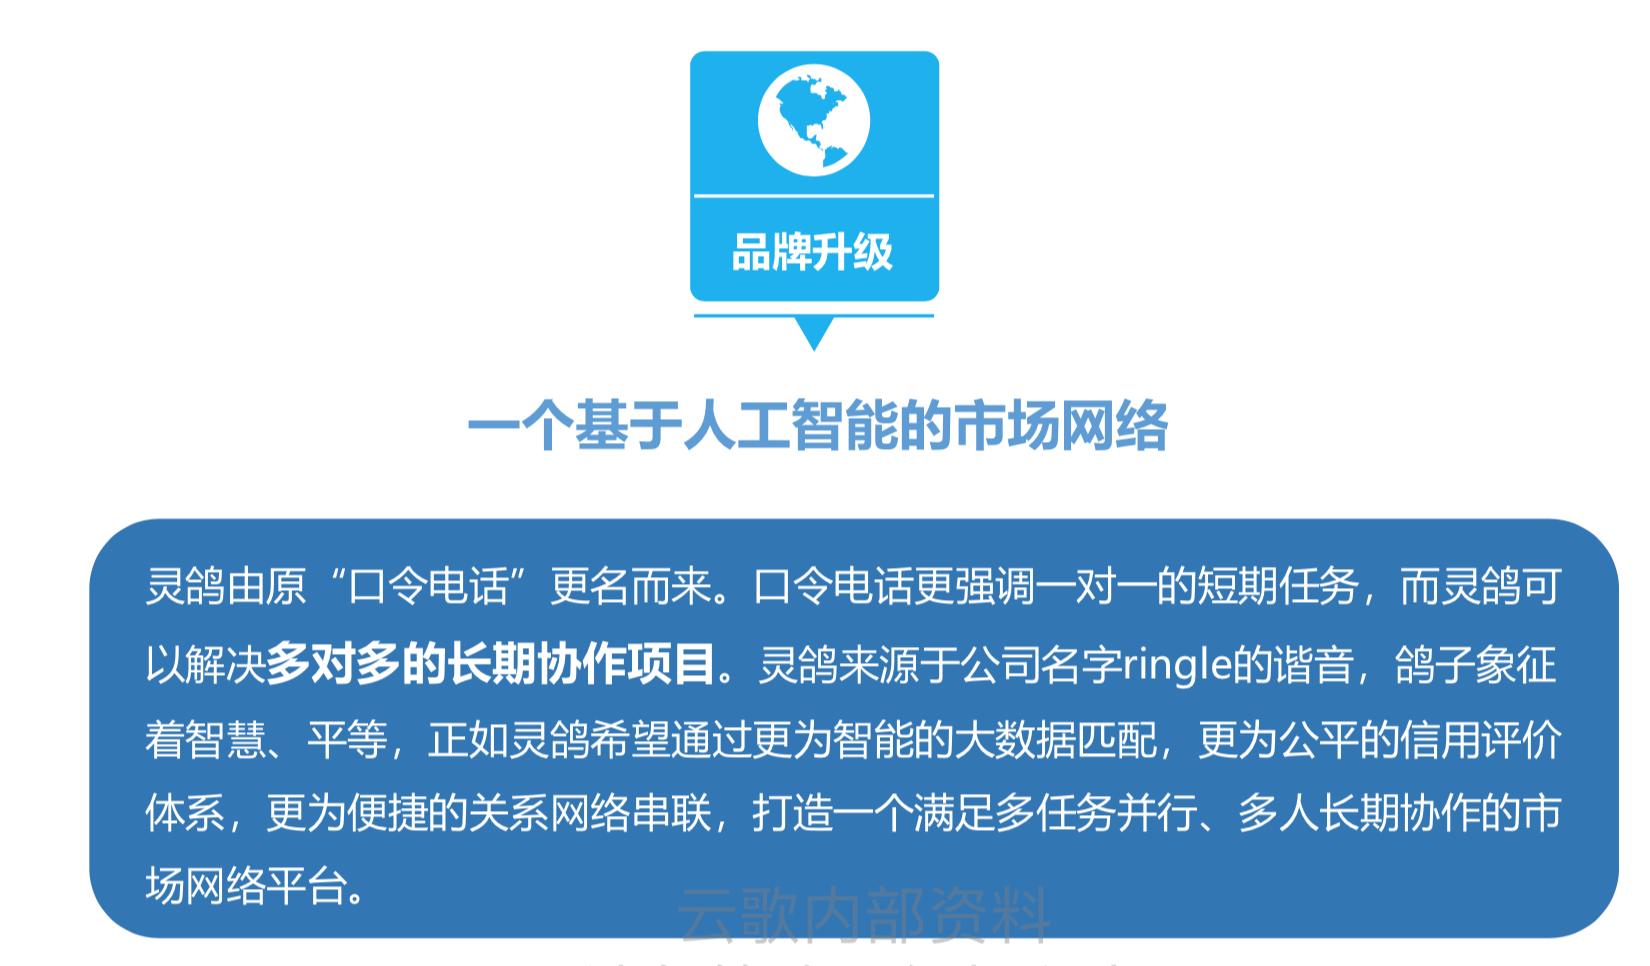 鸟哥笔记,行业动态,Super黄,行业动态,产品分析,互联网